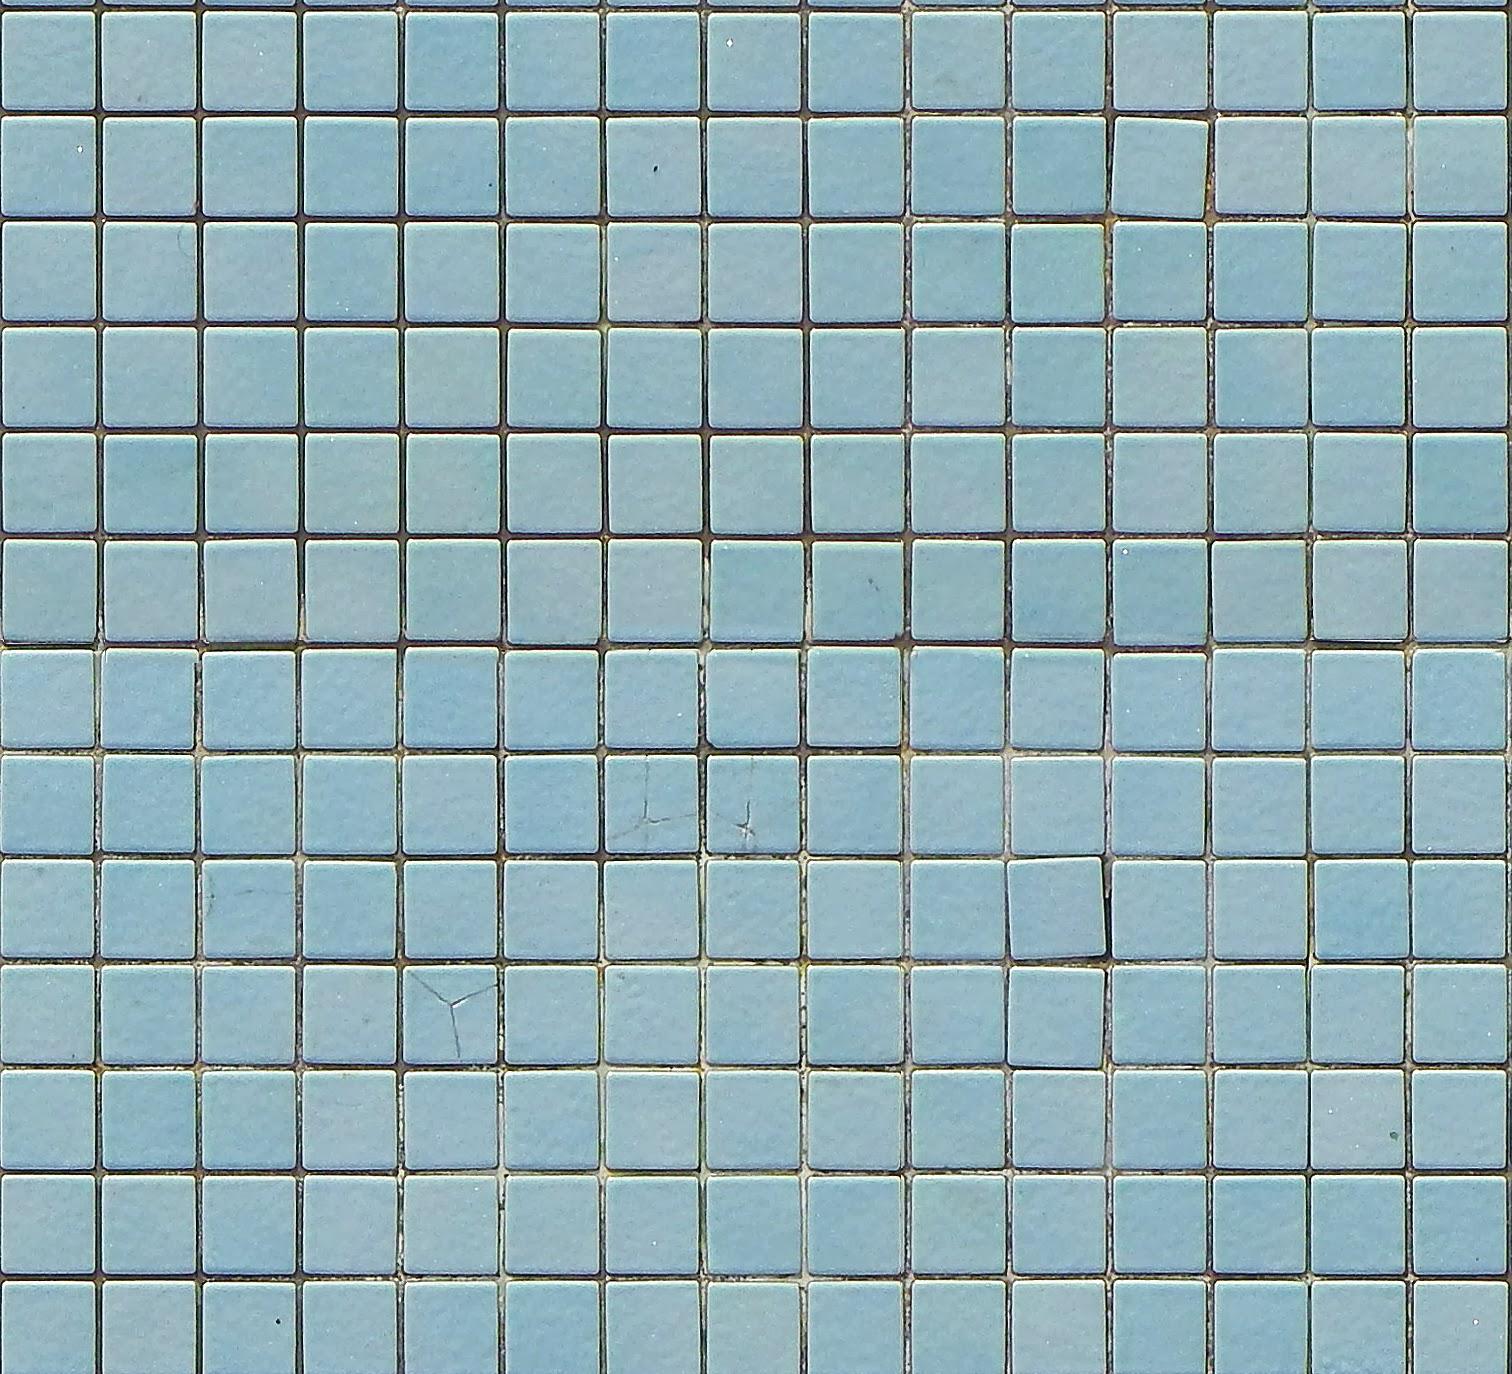 Tileable Blue Mosaic Pool Tiles Texture Maps